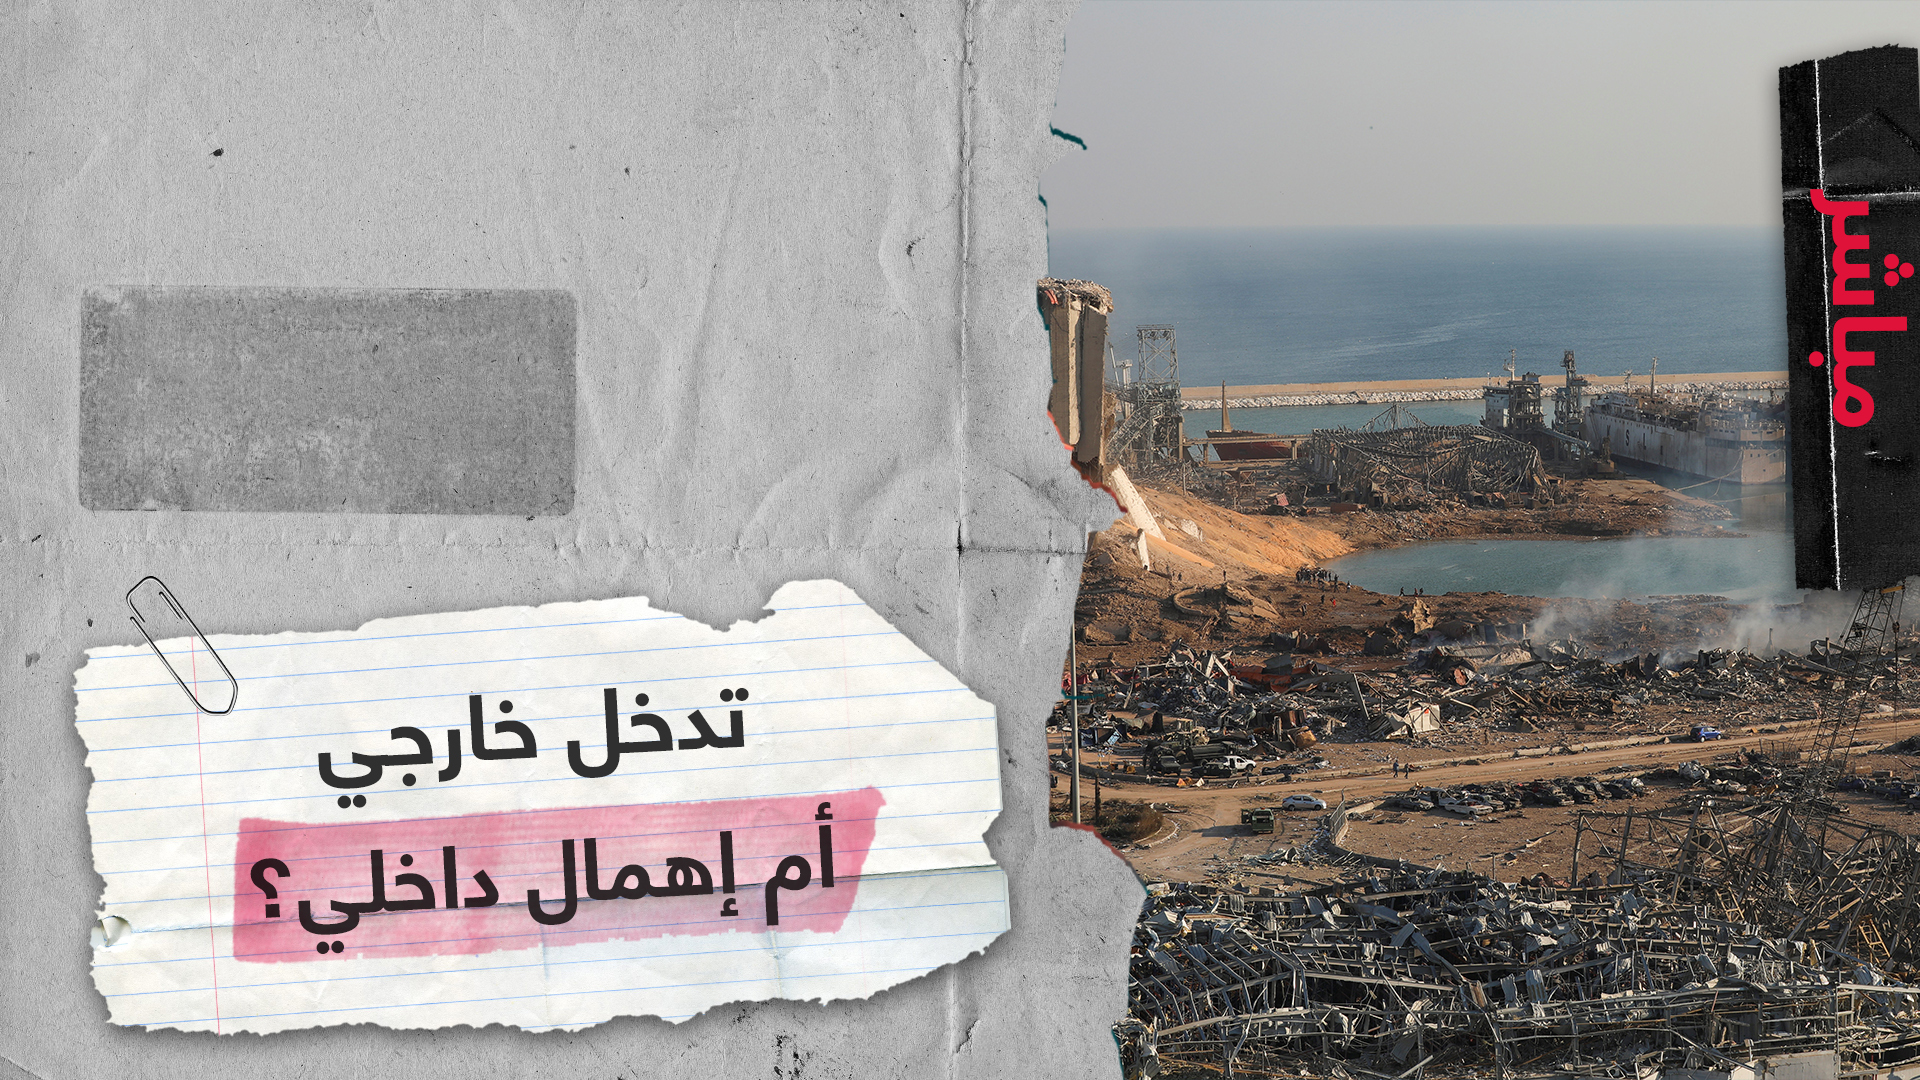 """الرئيس اللبناني لا يستثني احتمال وجود """"تدخل خارجي"""" في انفجار مرفأ بيروت"""